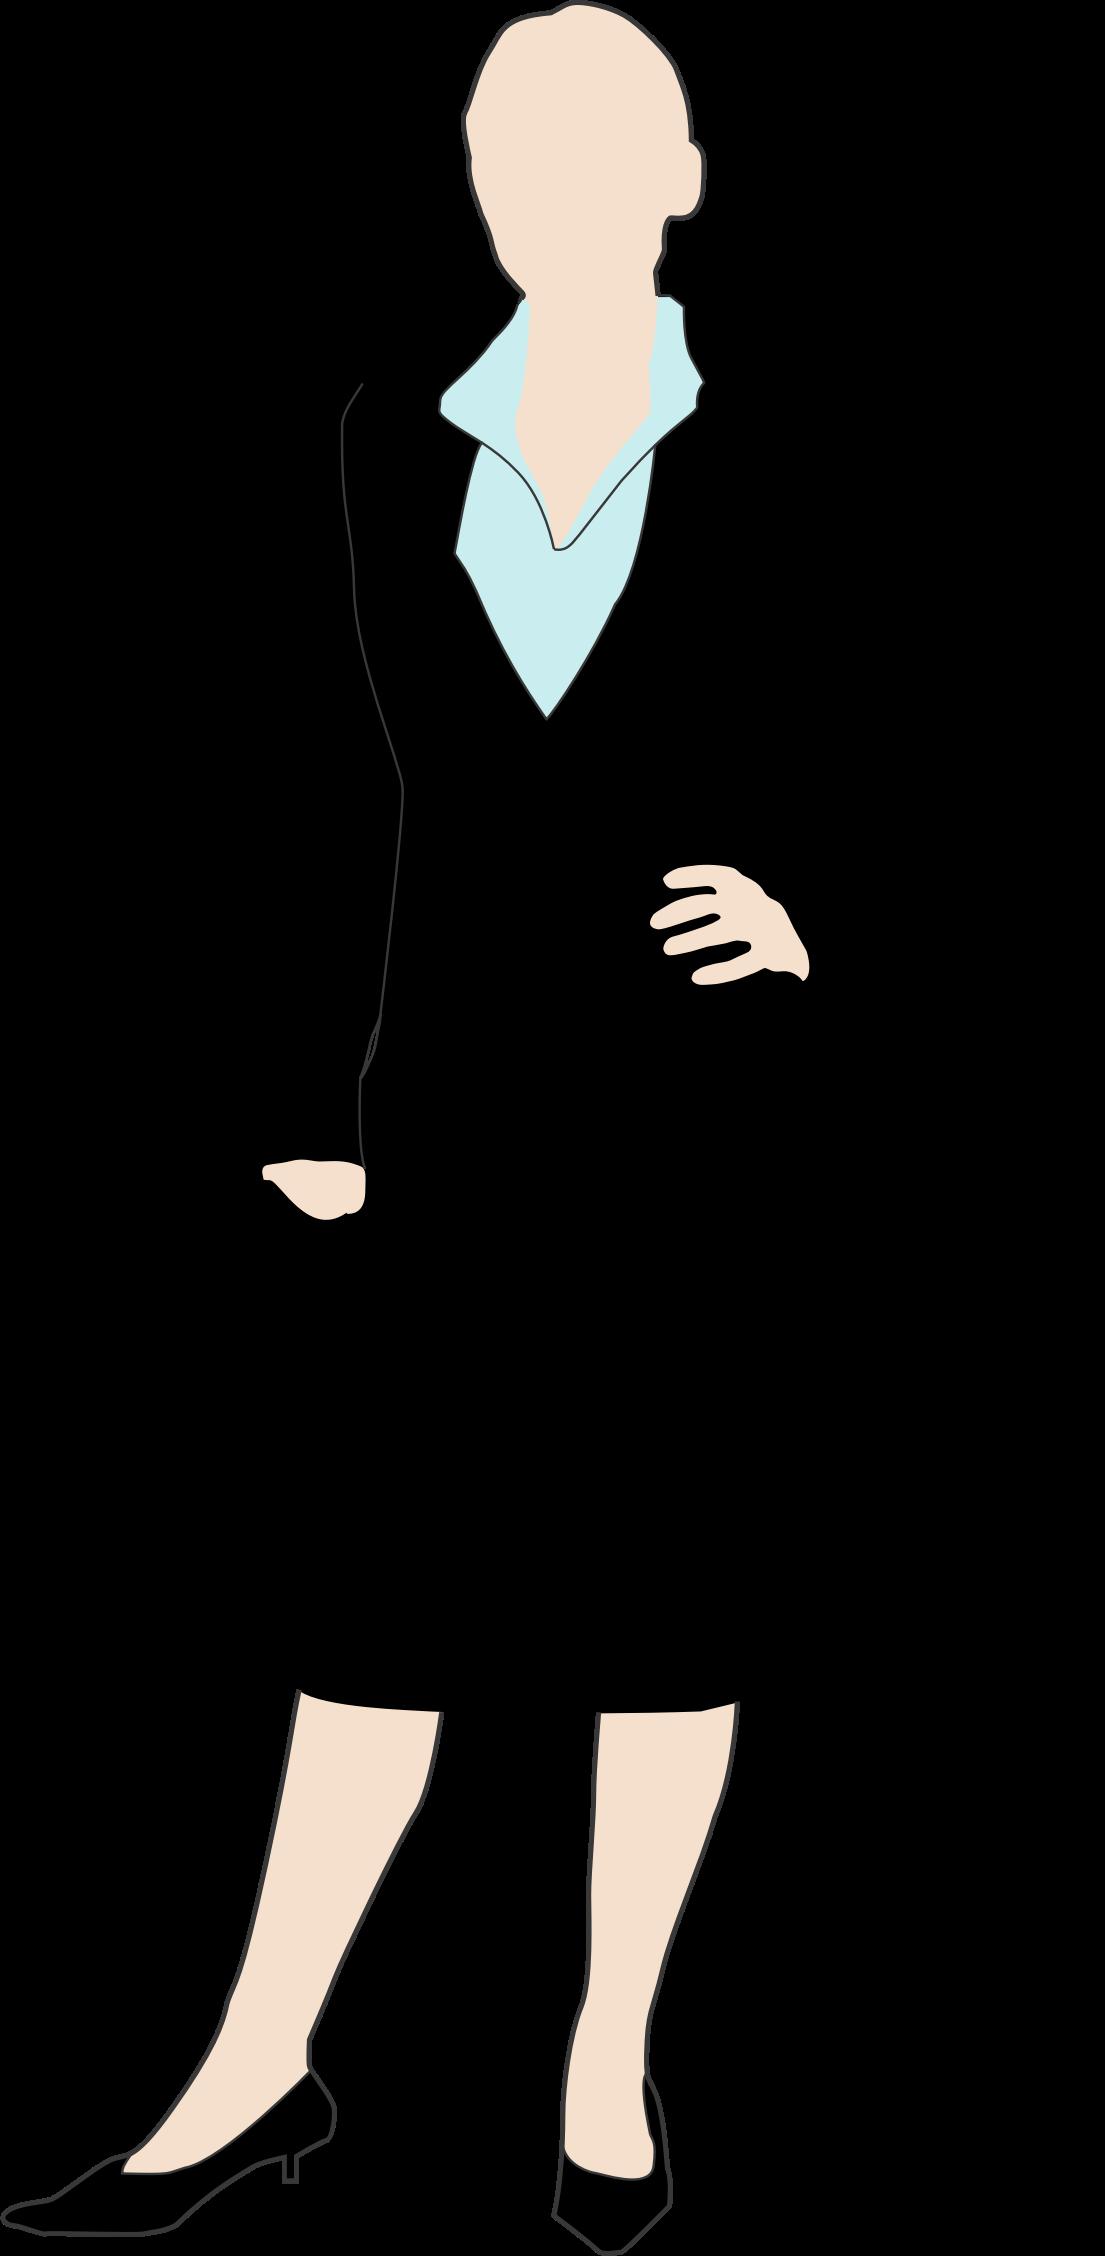 Suit clipart business suit Free Clipart Images Business Clipart